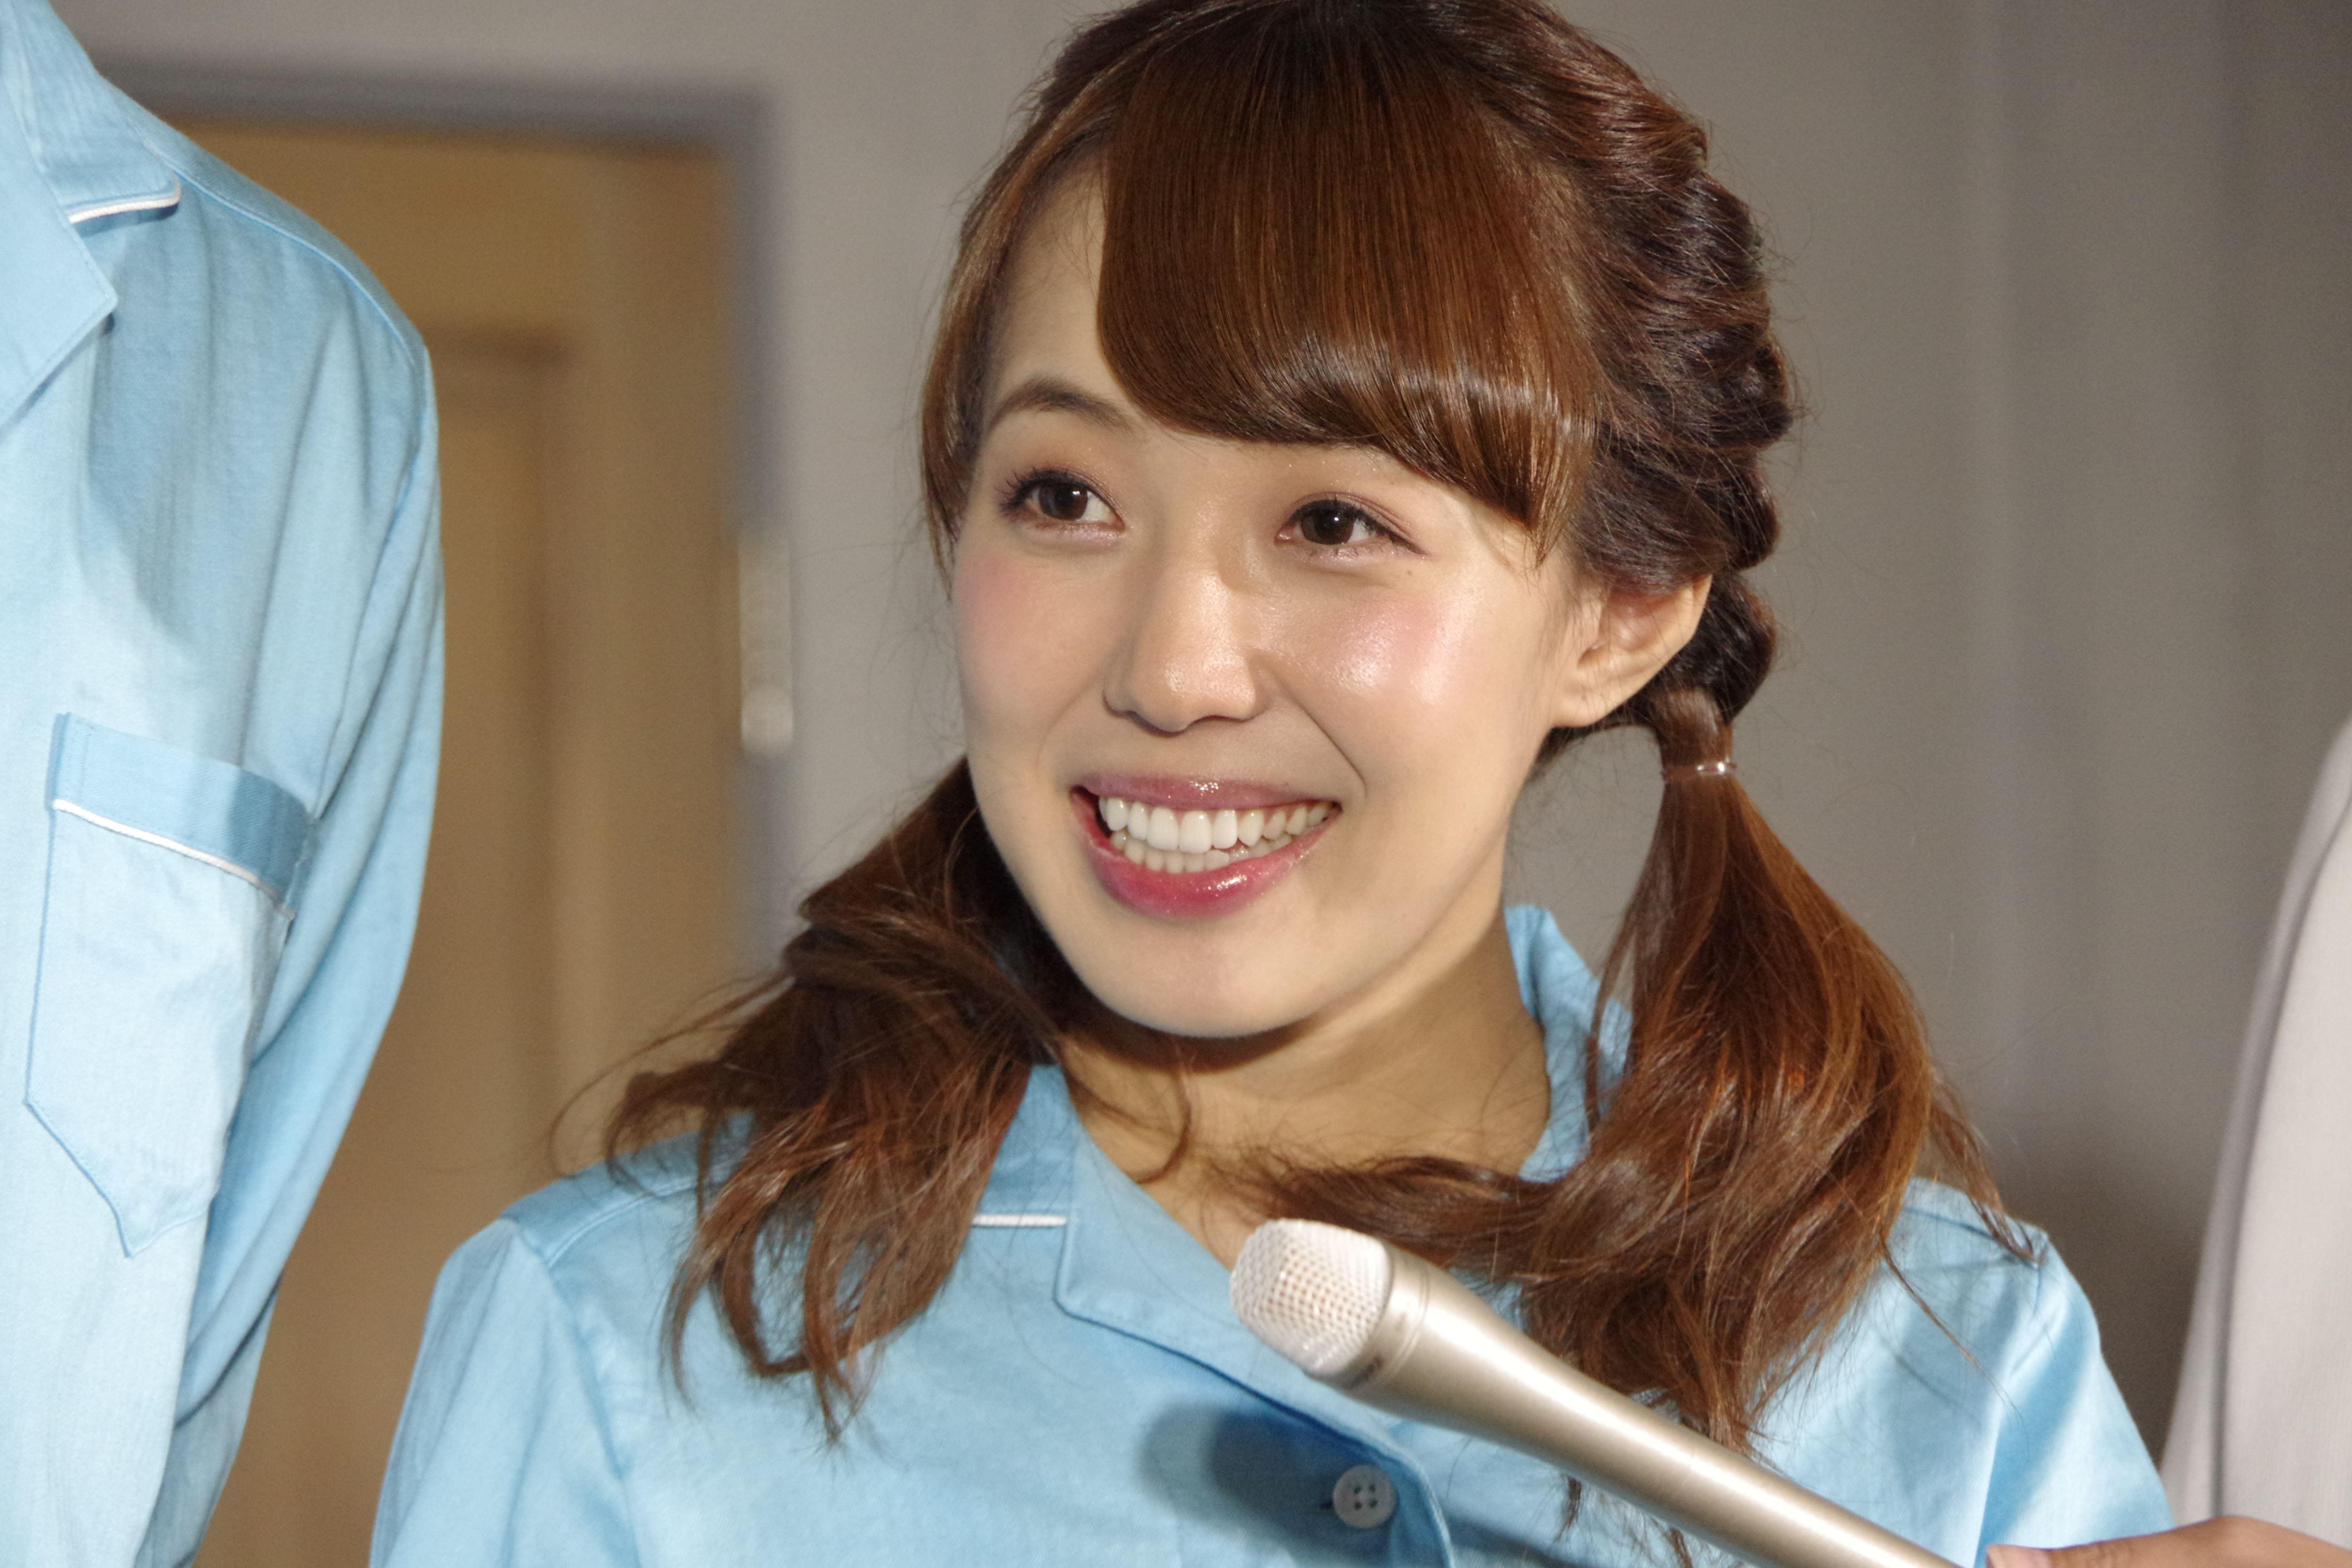 川崎 希 の 病気 川崎希さんが入院した婦人科系の病気は何?子宮内膜症は本当?